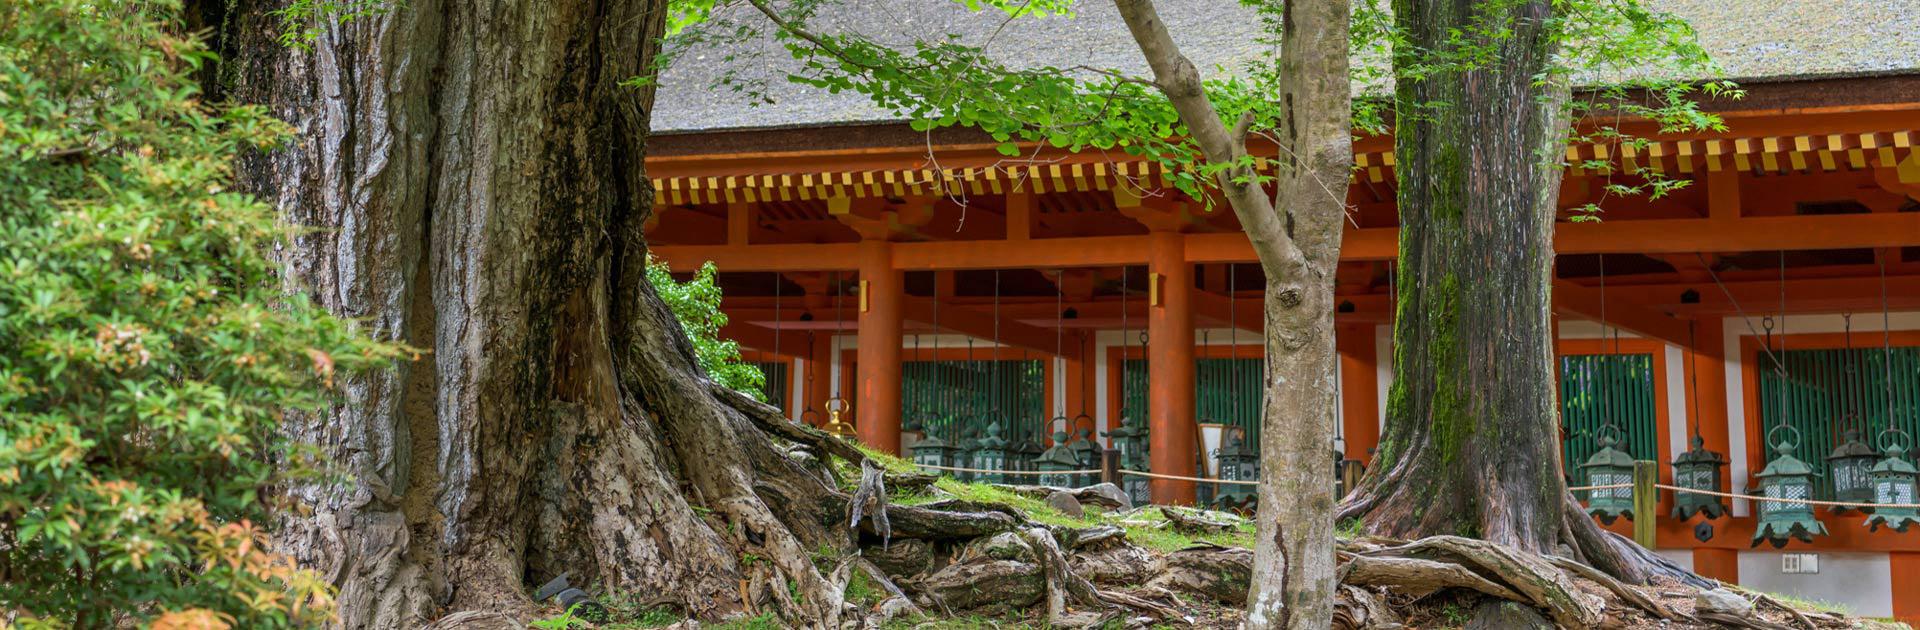 IDJP Japón Eterno y Bali 16 días 2